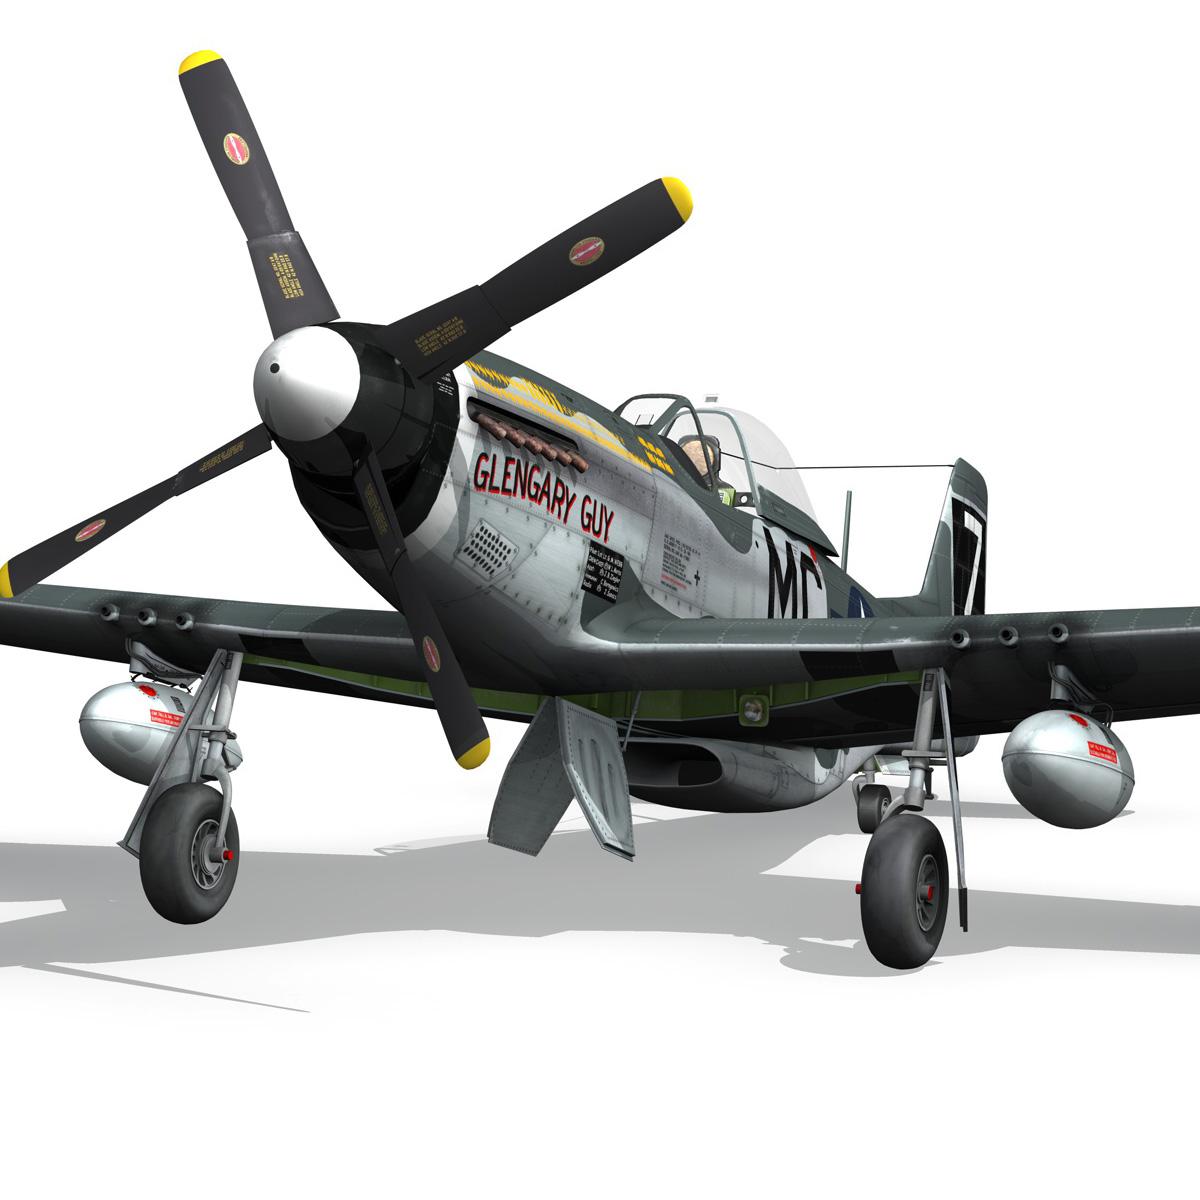 north american p-51d mustang – glengary guy 3d model fbx c4d lwo obj 267525